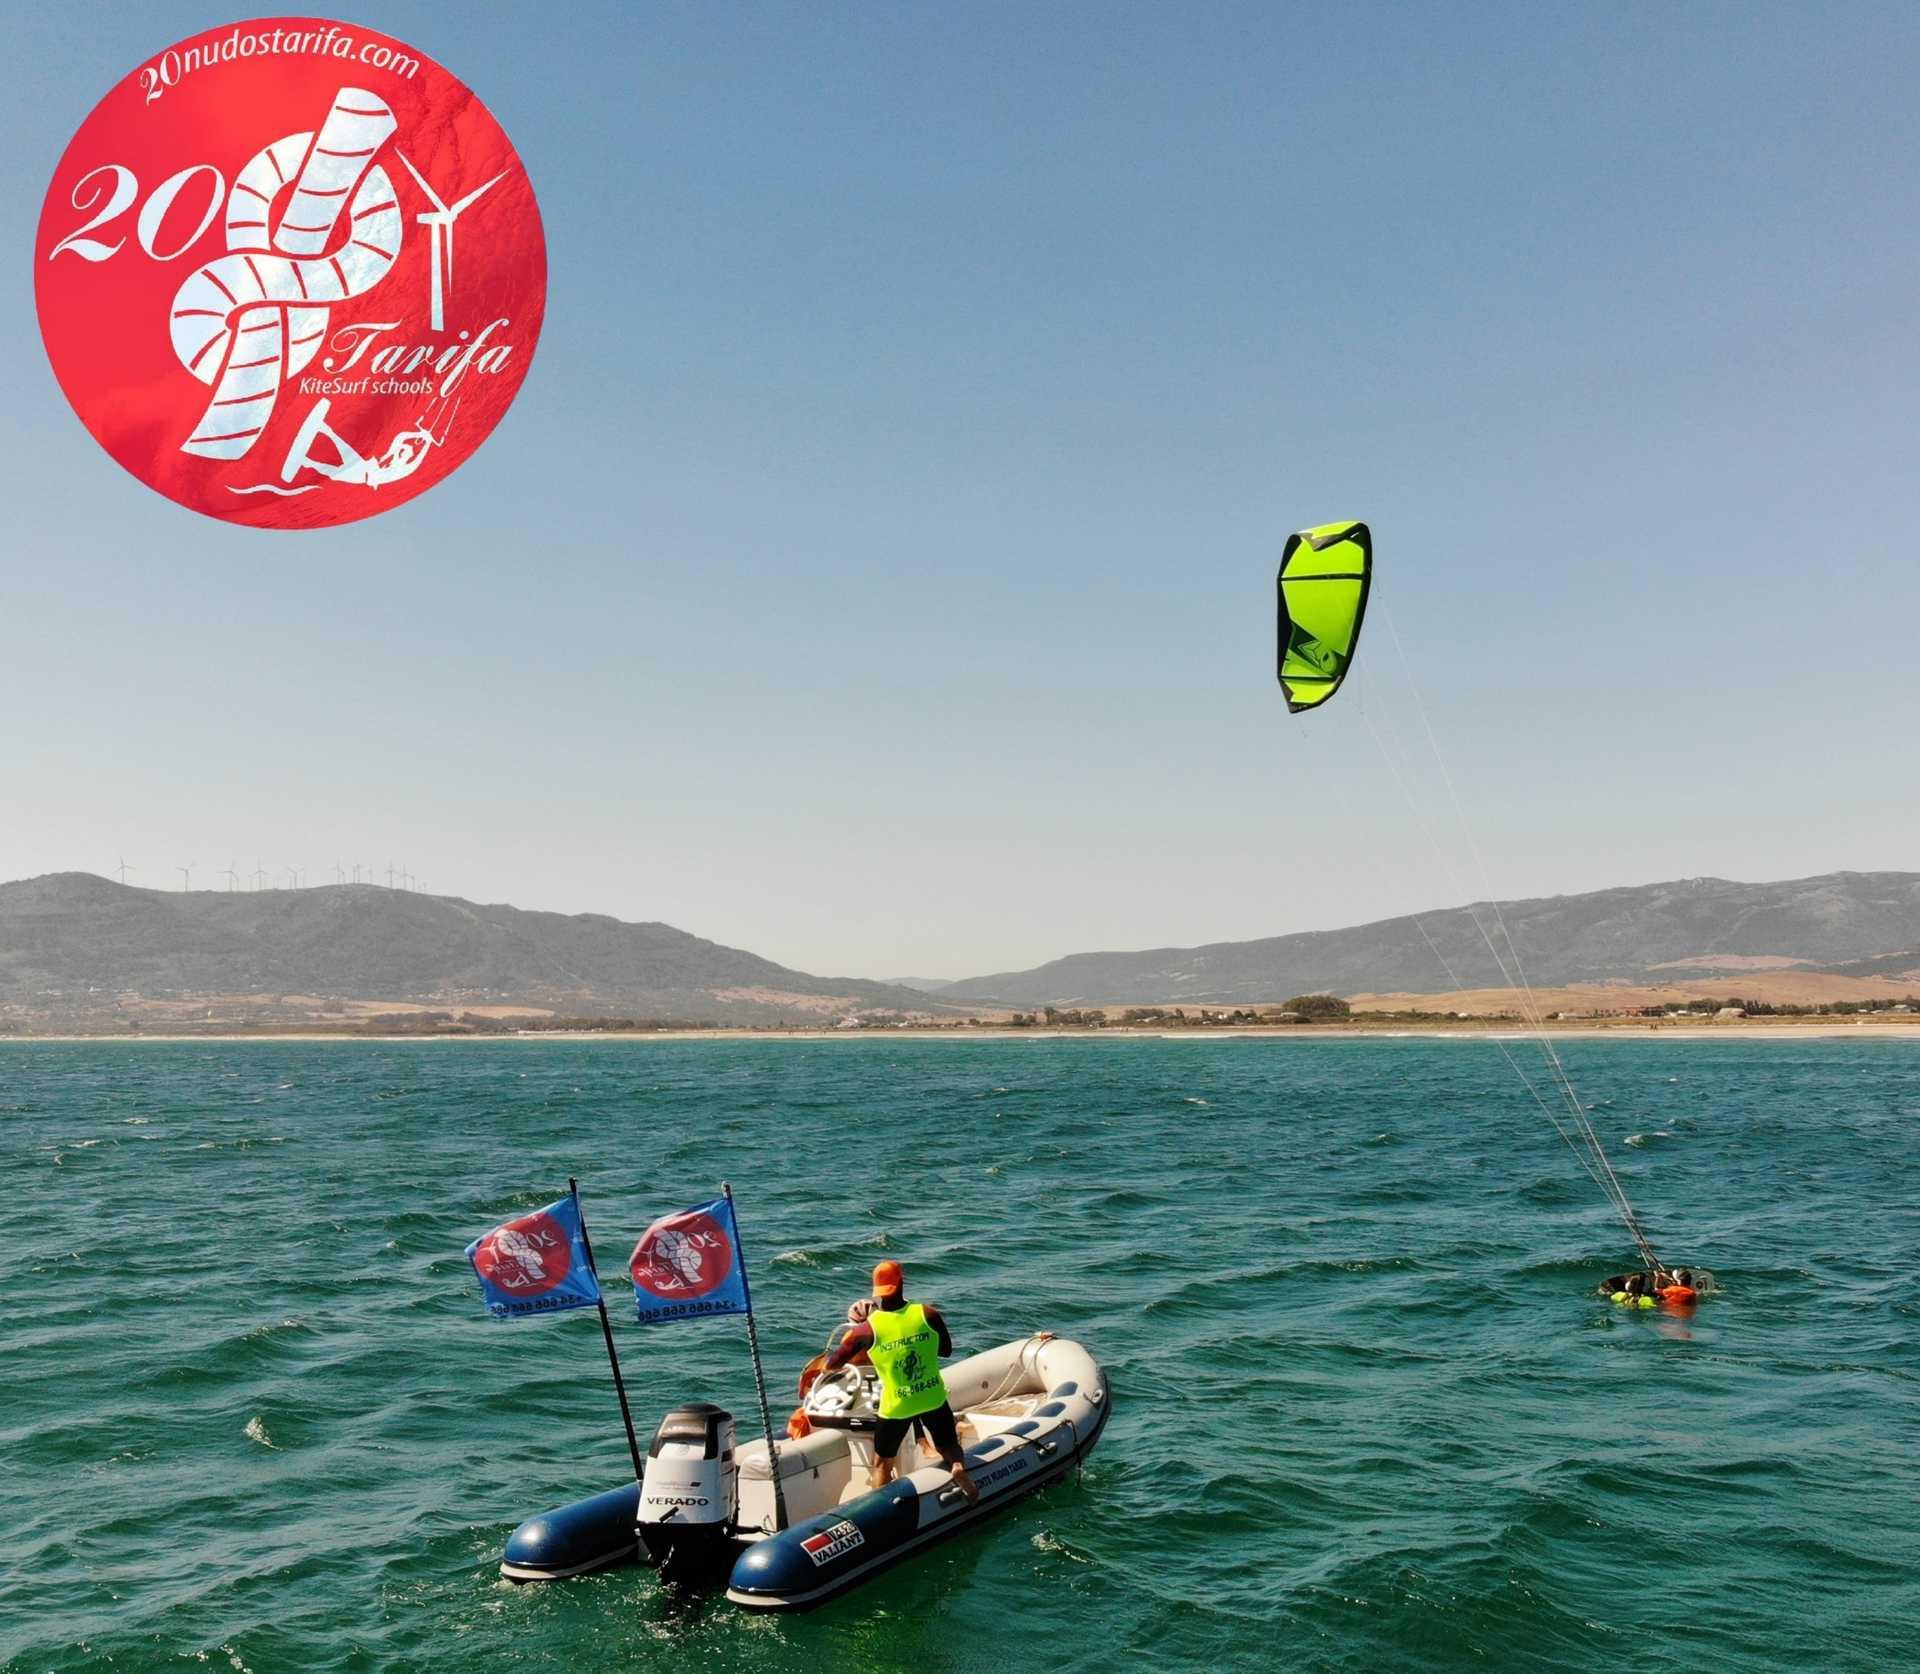 Cursos de kitesurf en Barco